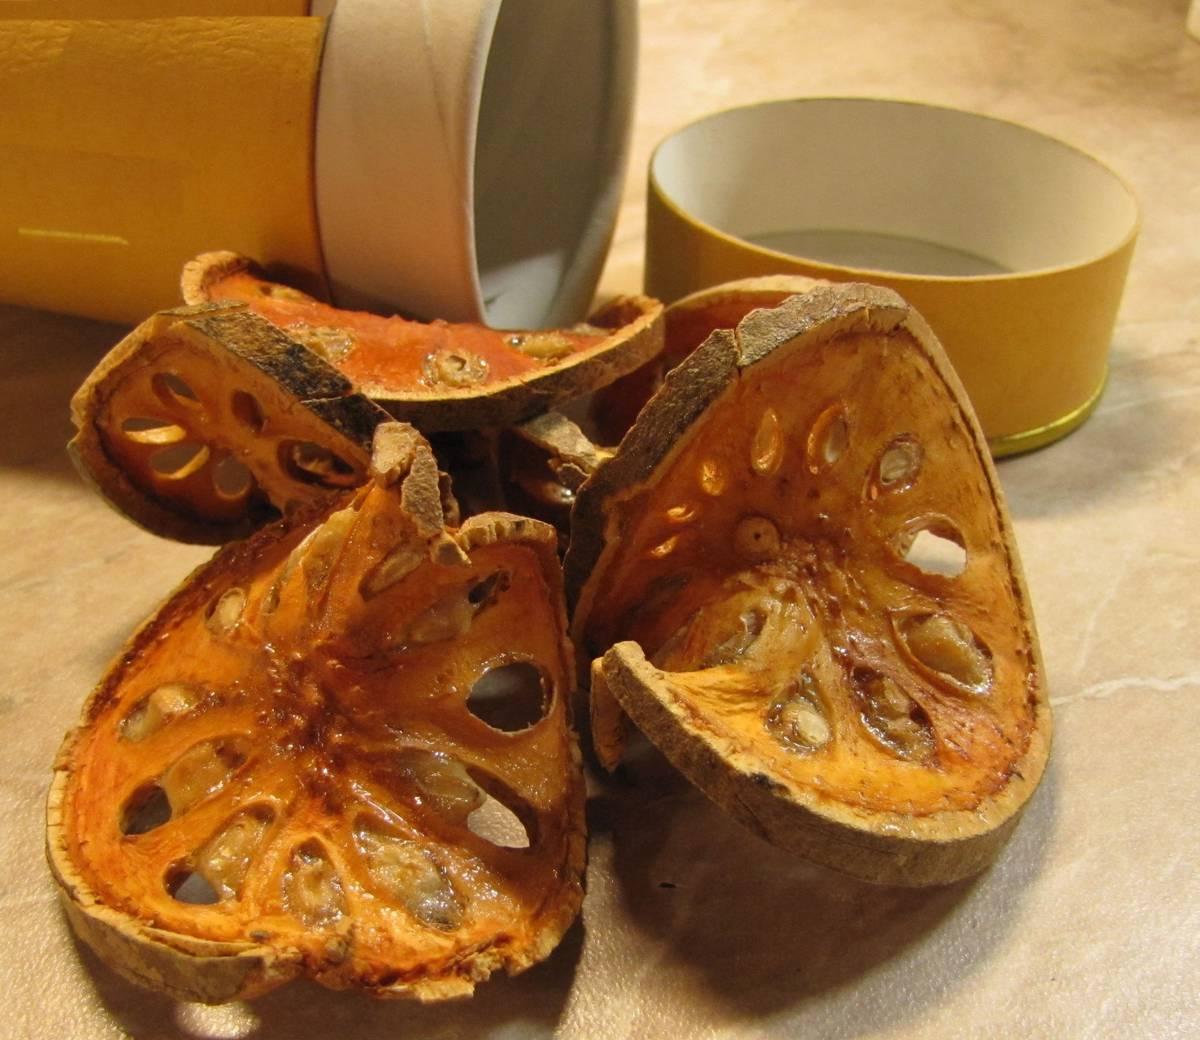 Айва употребляется в пищу